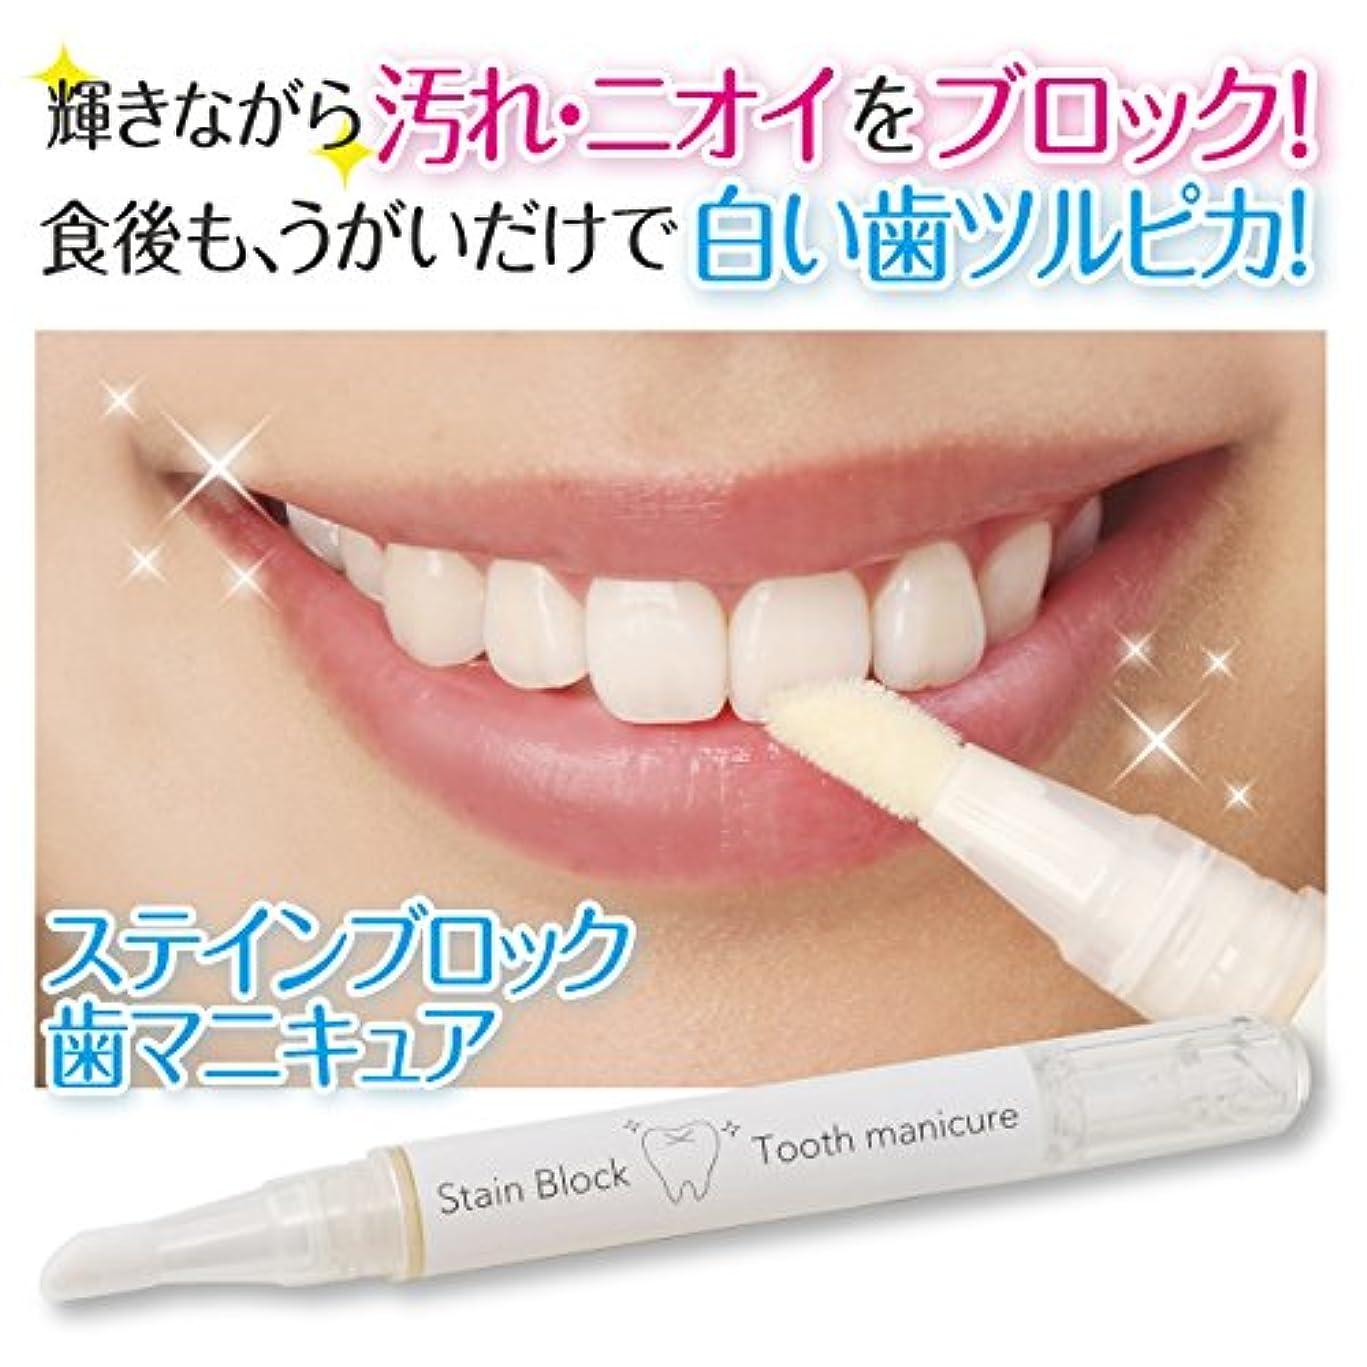 矢じり形成基本的なステインブロック歯マニキュア